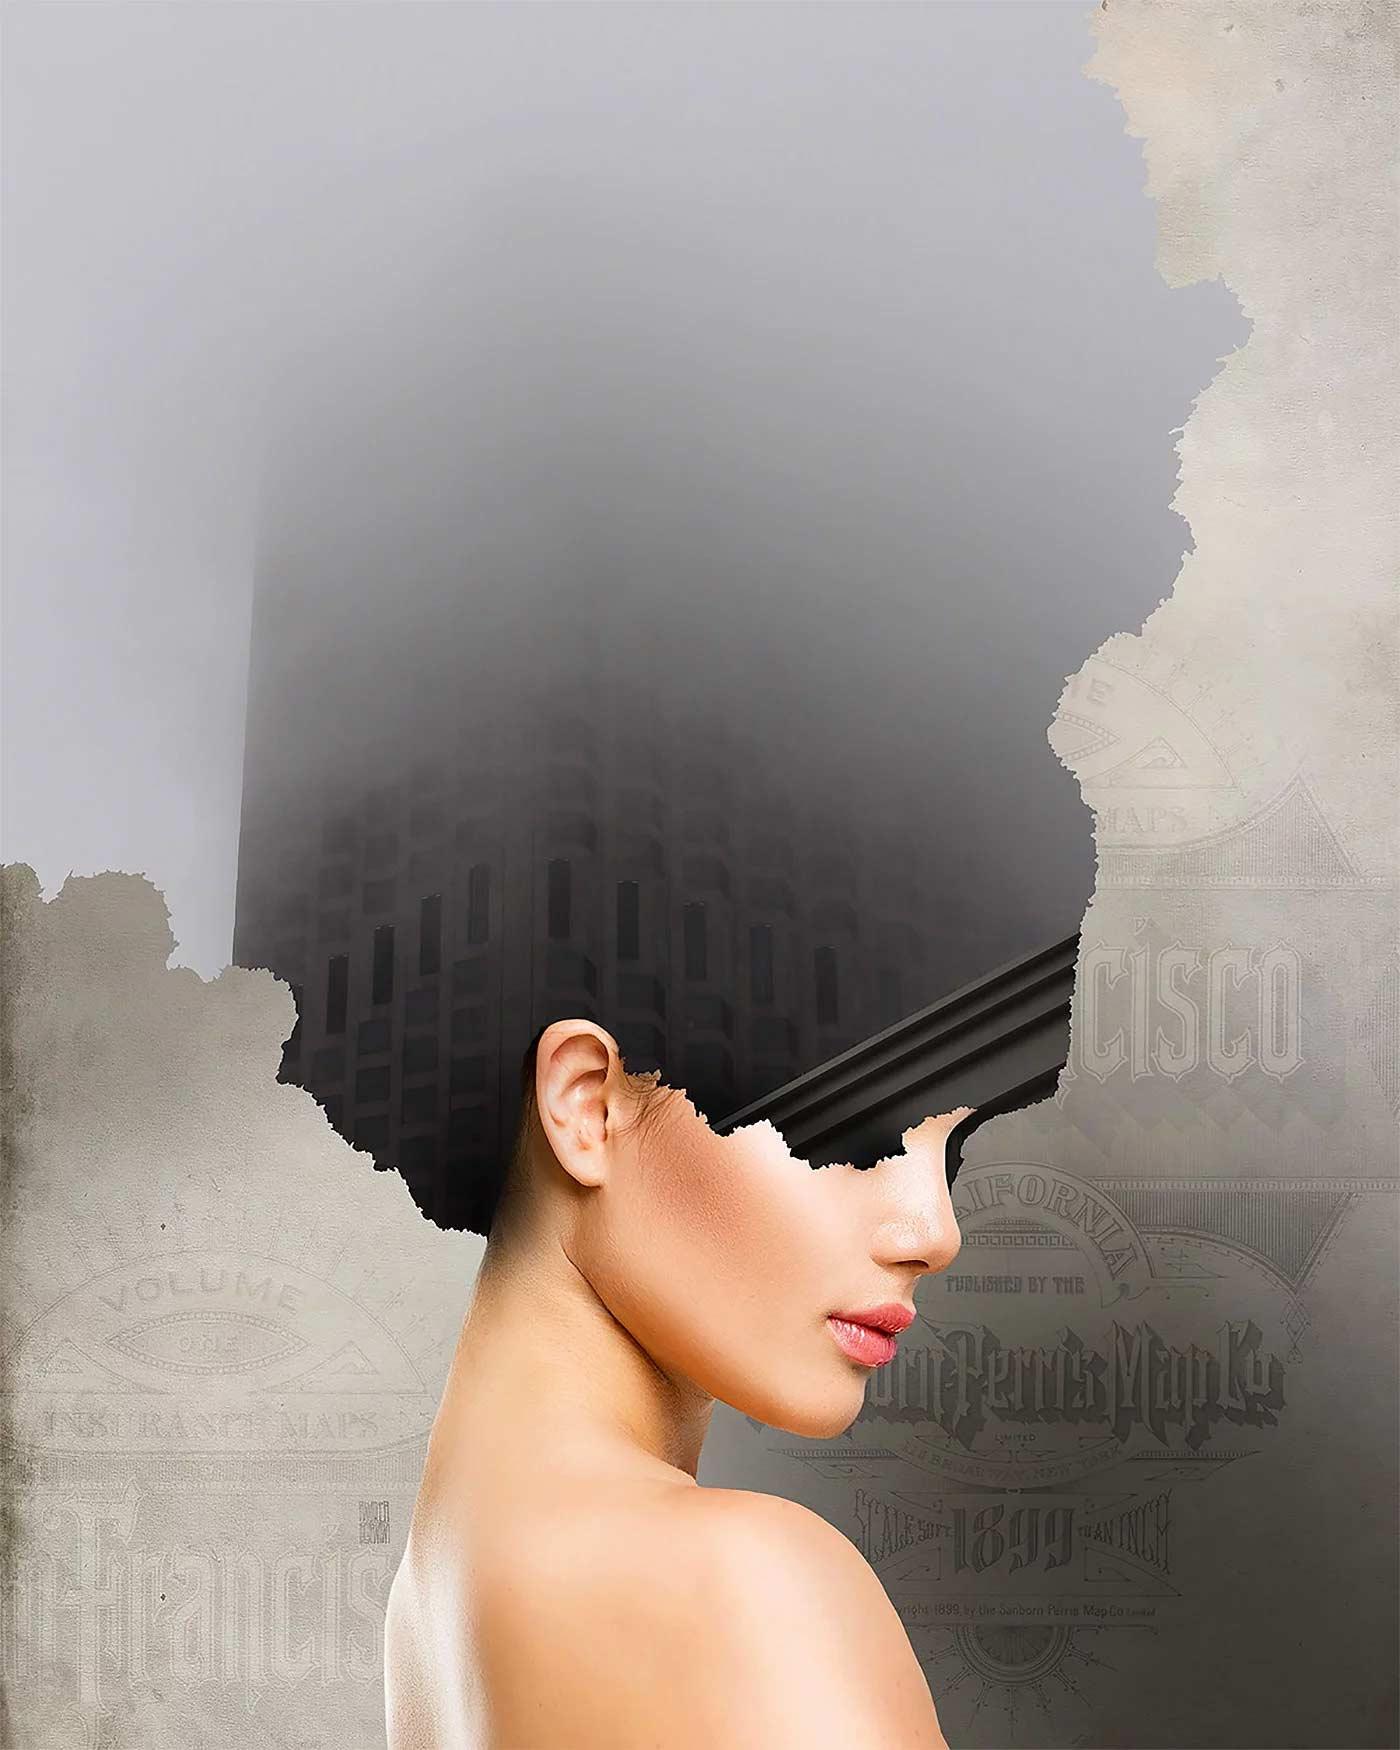 Kopf-öffnende Collagen von Aidan Sartin Conte Aidan-Sartin-Conte-Collagen_07